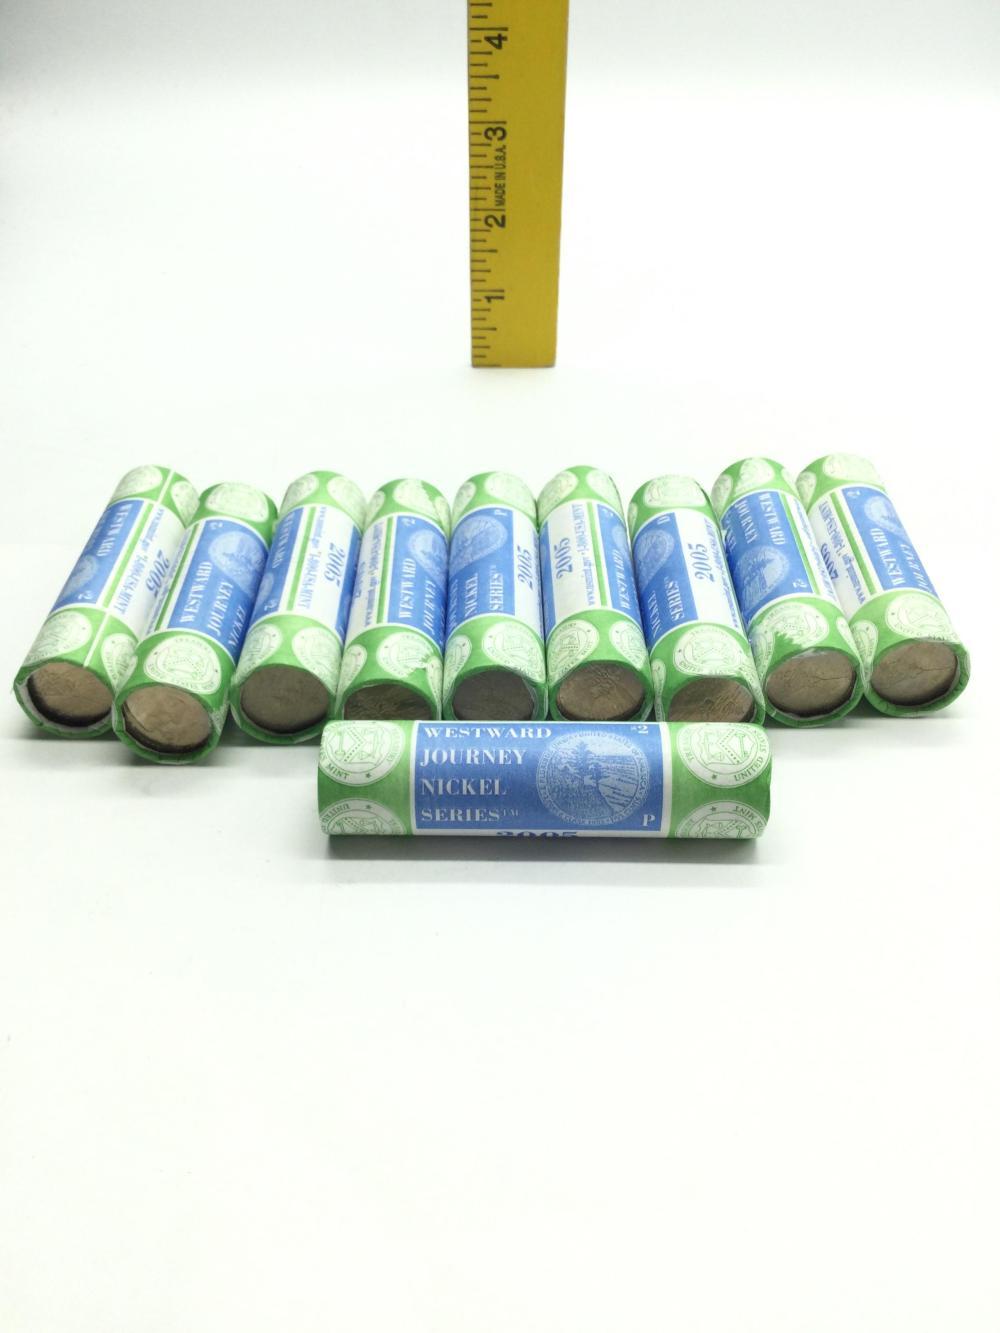 10 Rolls 2005 Westward Journey Jefferson Nickels